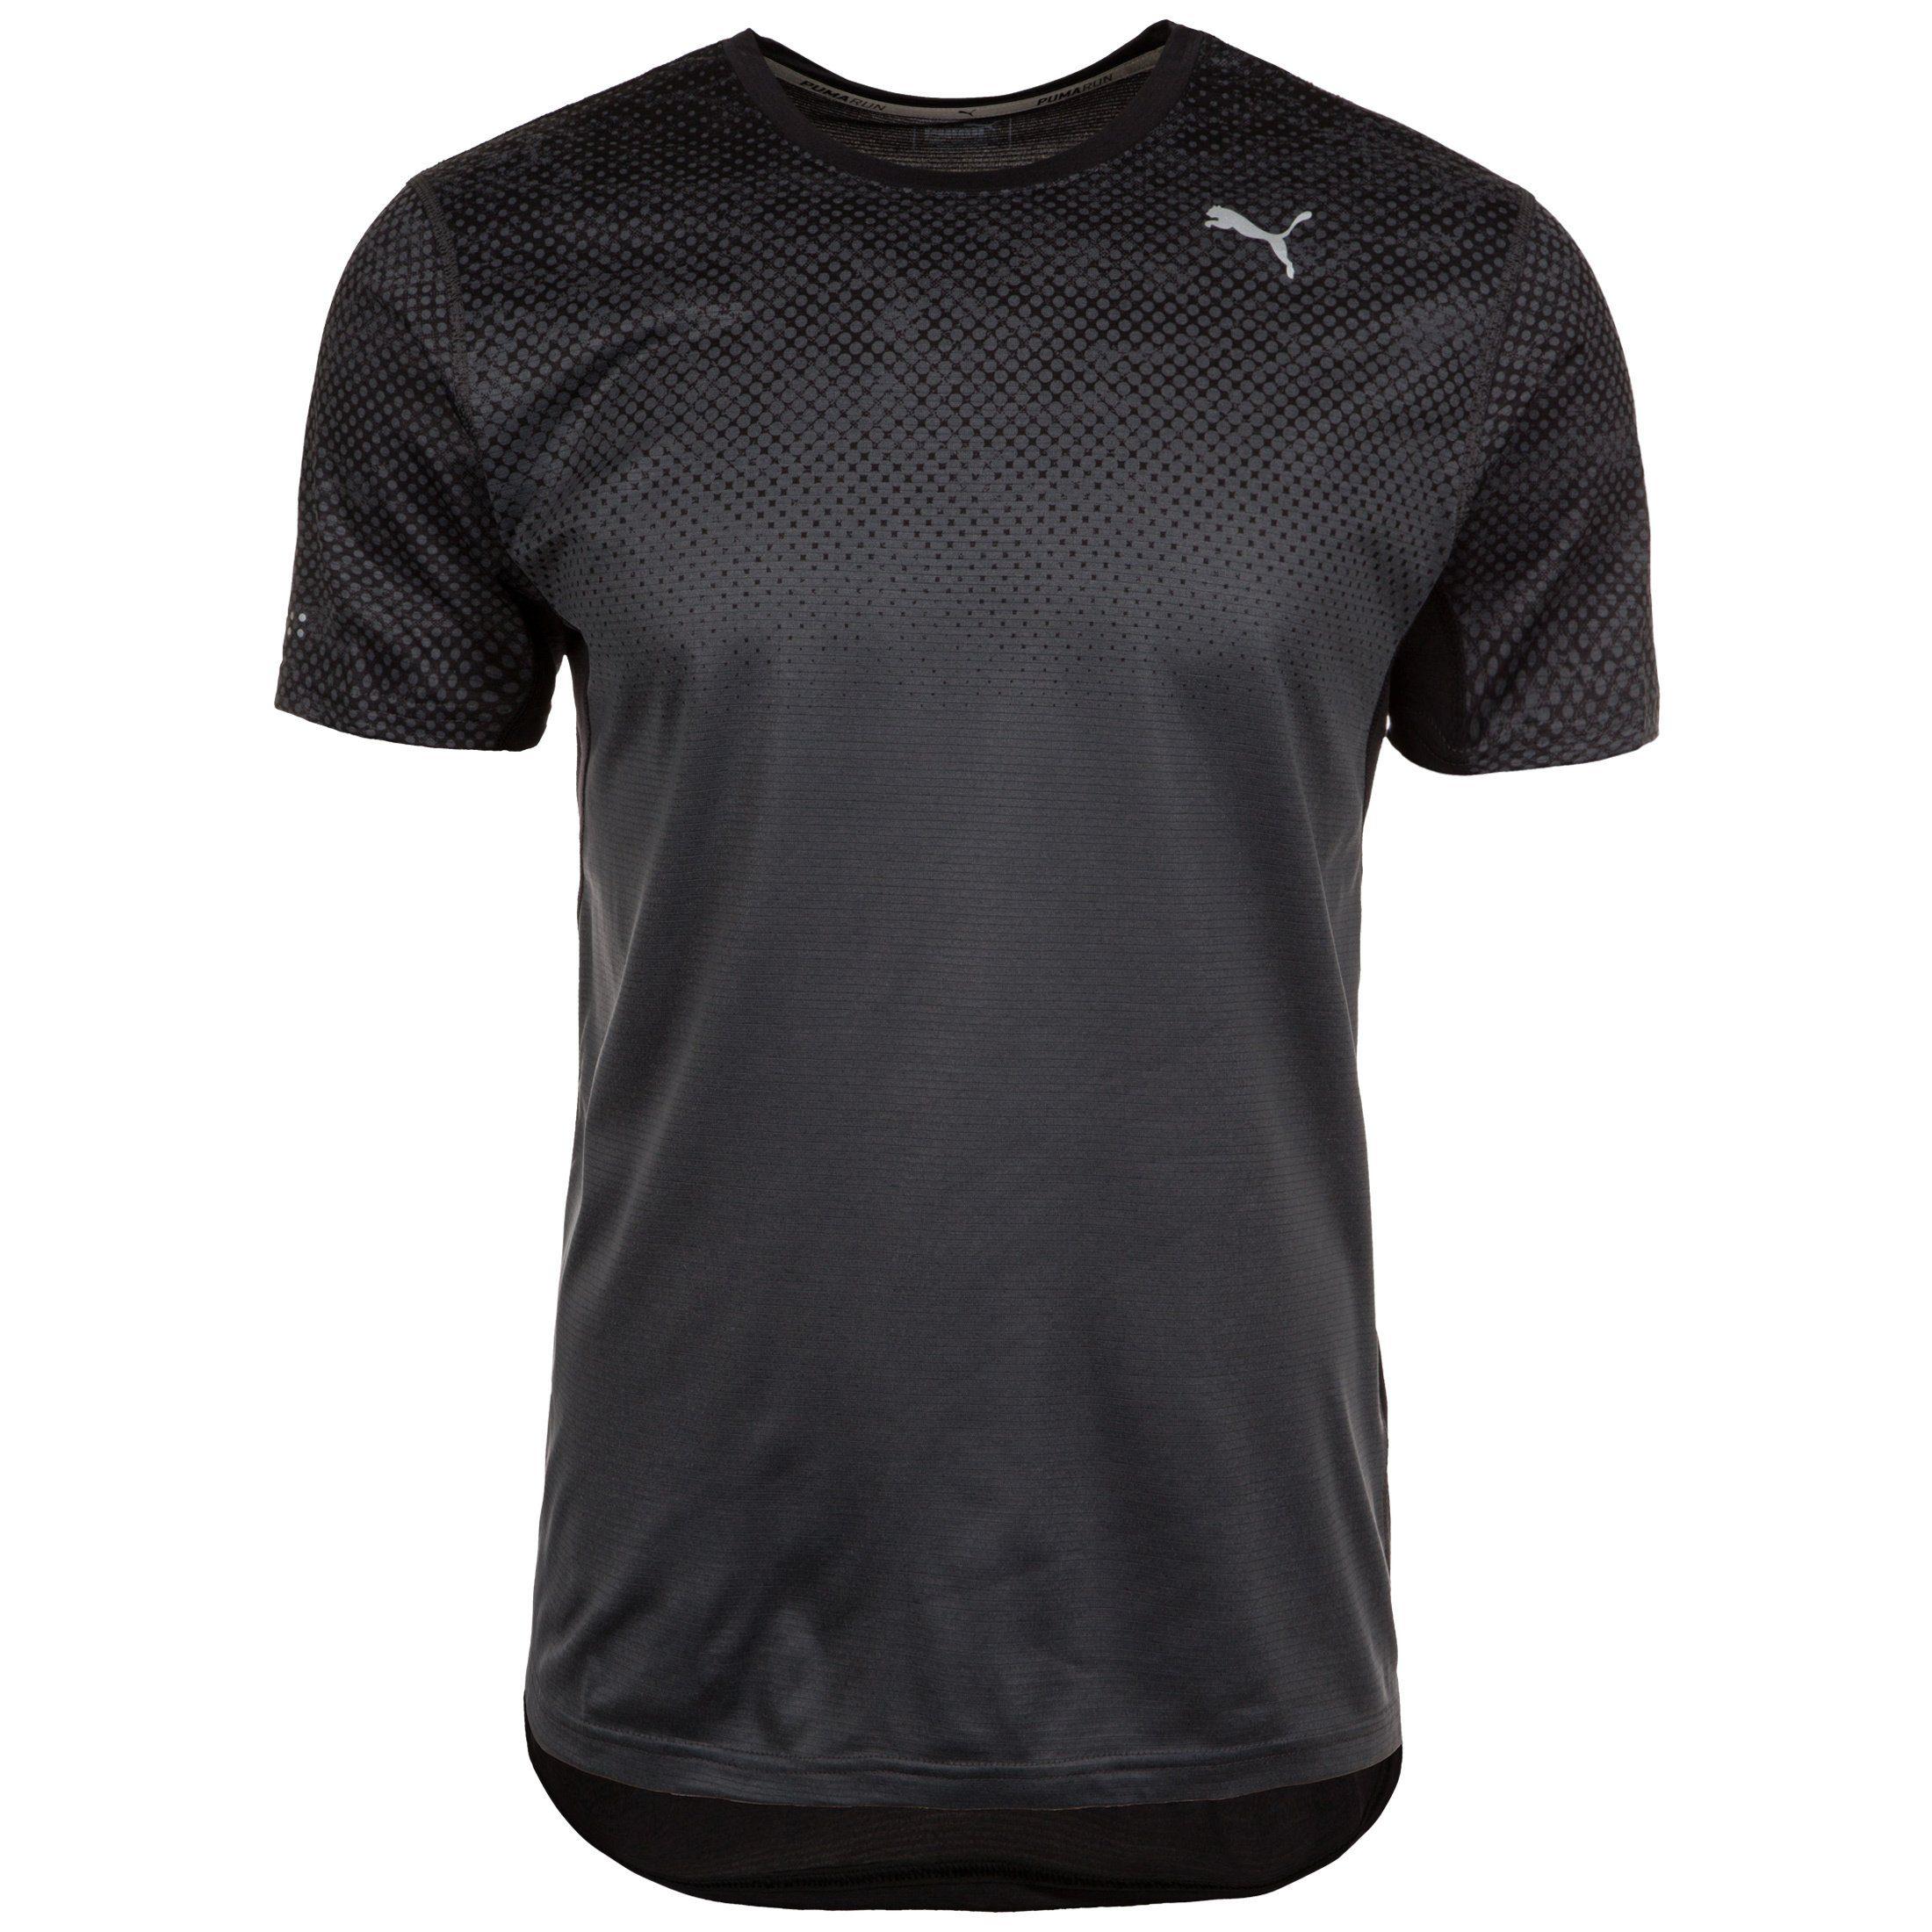 PUMA Laufshirt Graphic   Sportbekleidung > Sportshirts > Laufshirts   Schwarz   Puma